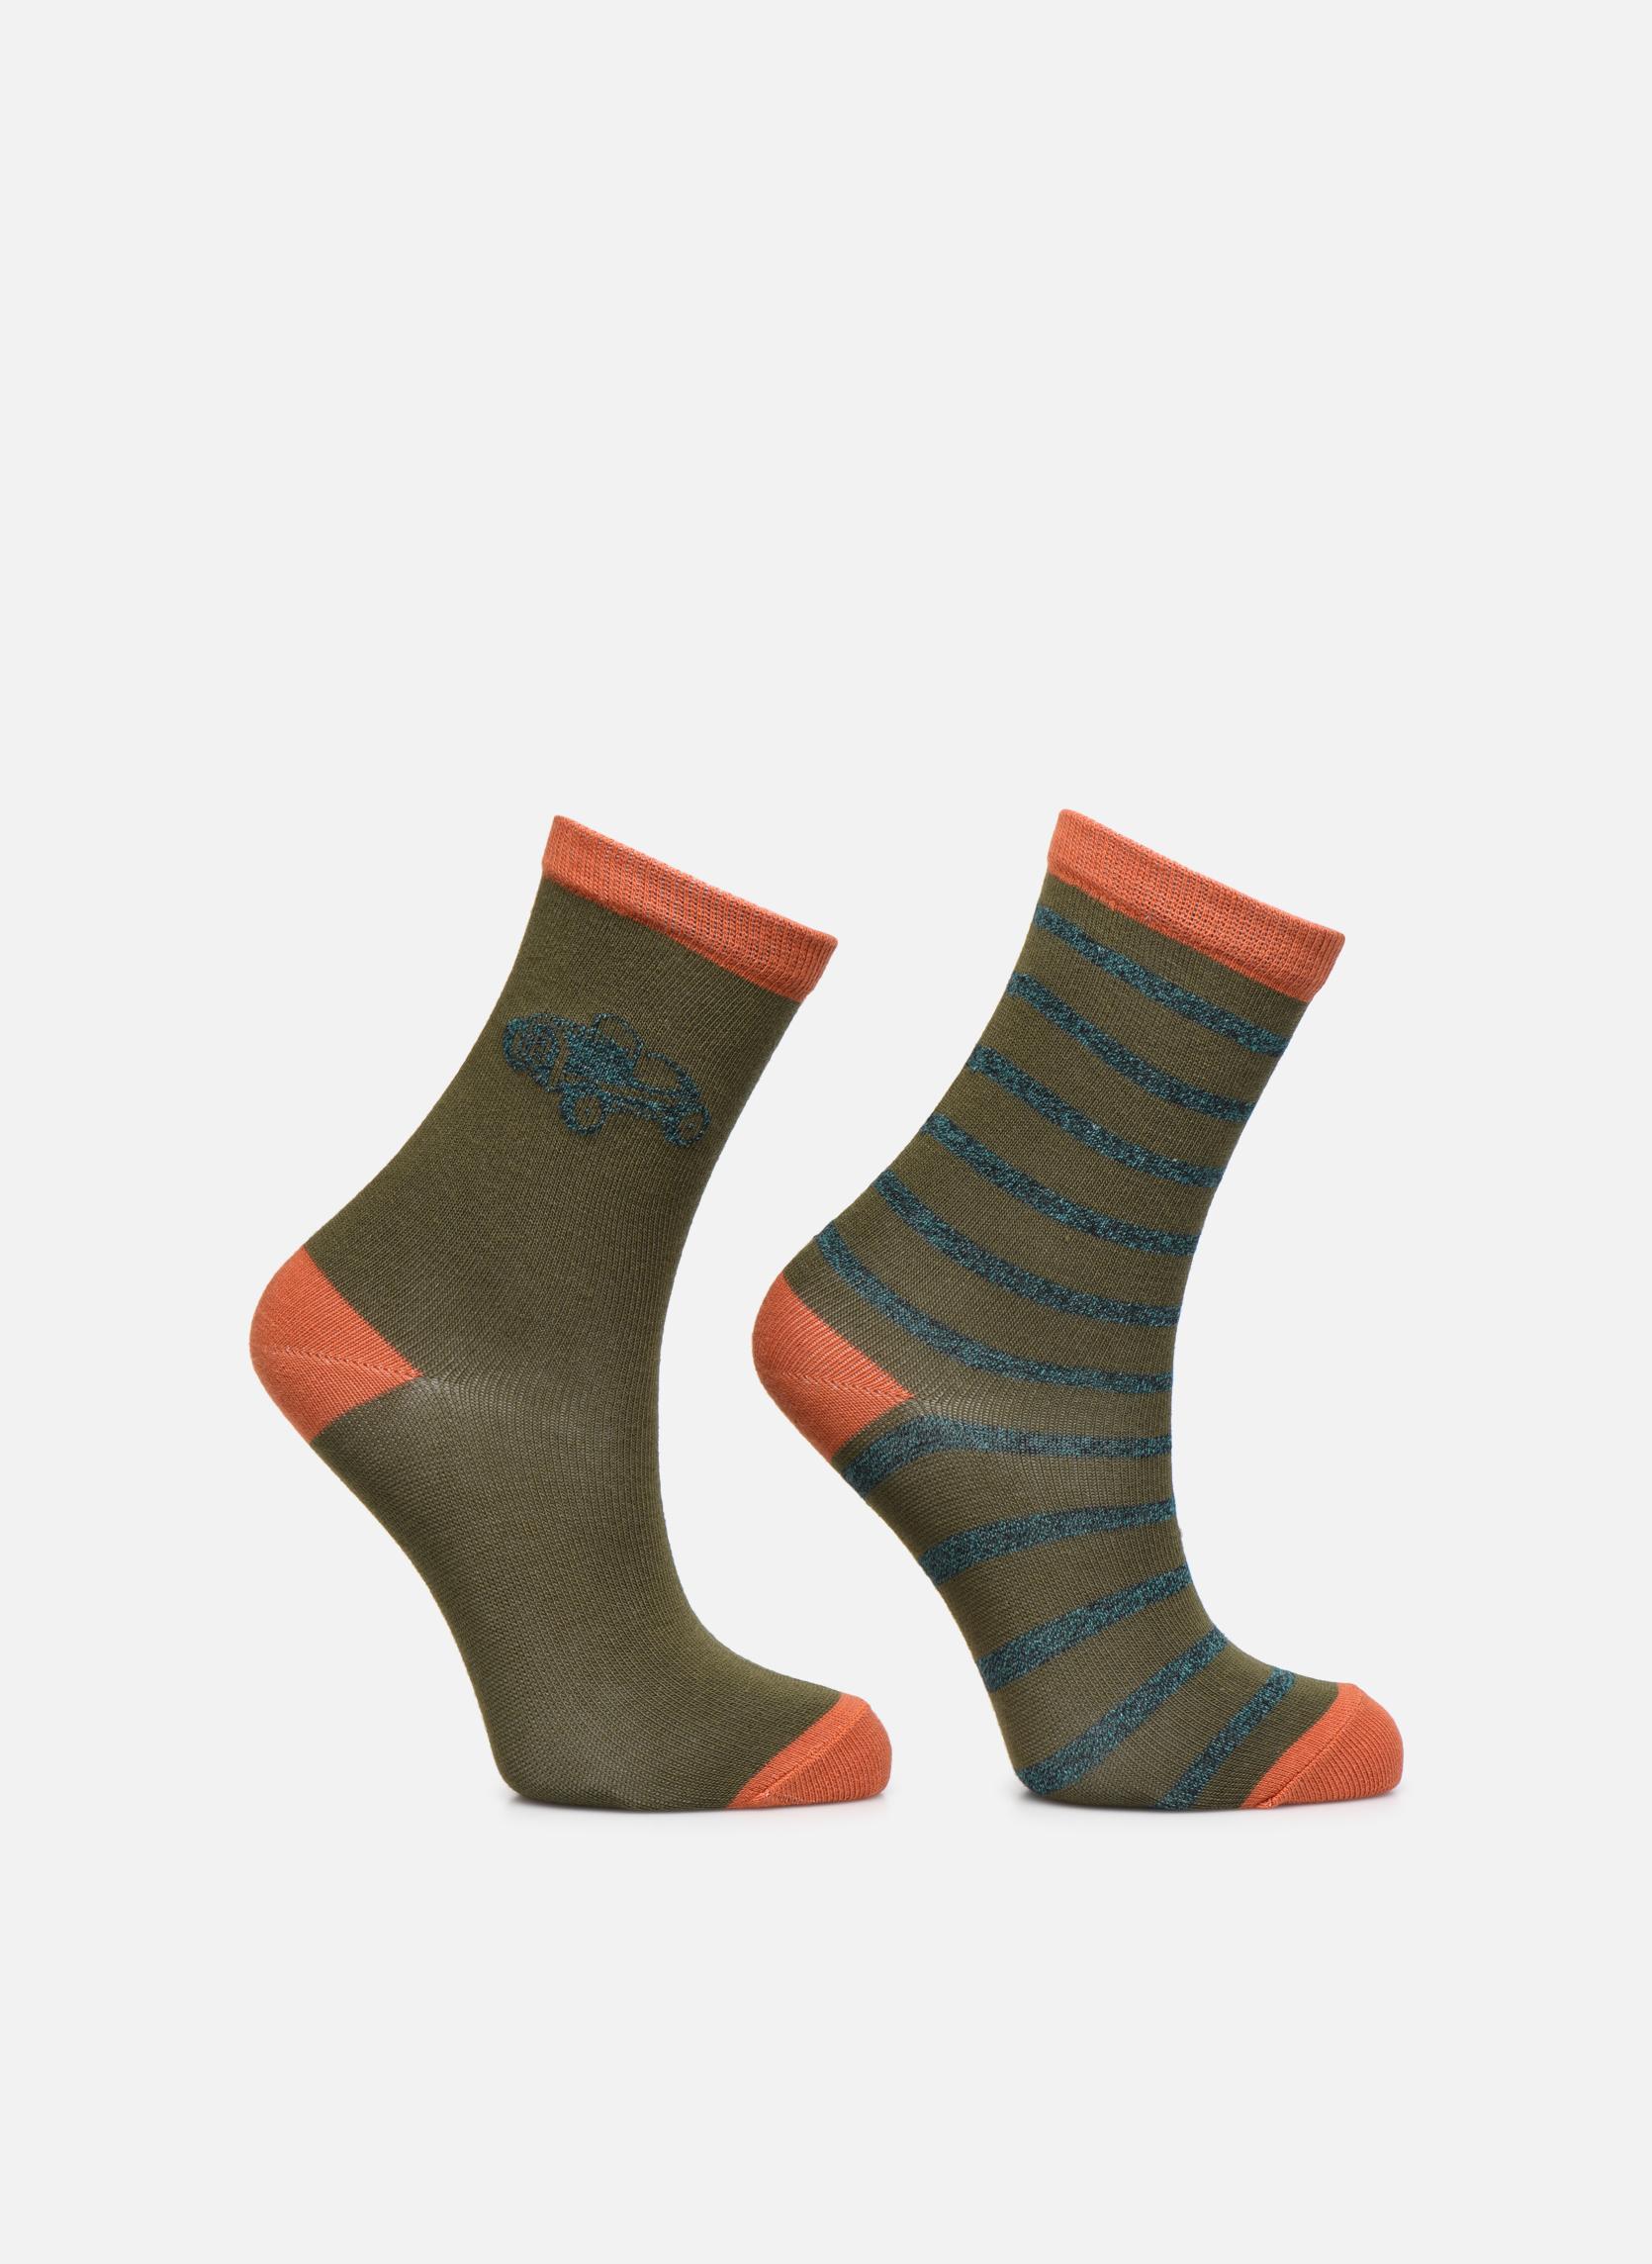 Sarenza Wear Socken Fantaisie 2er-Pack